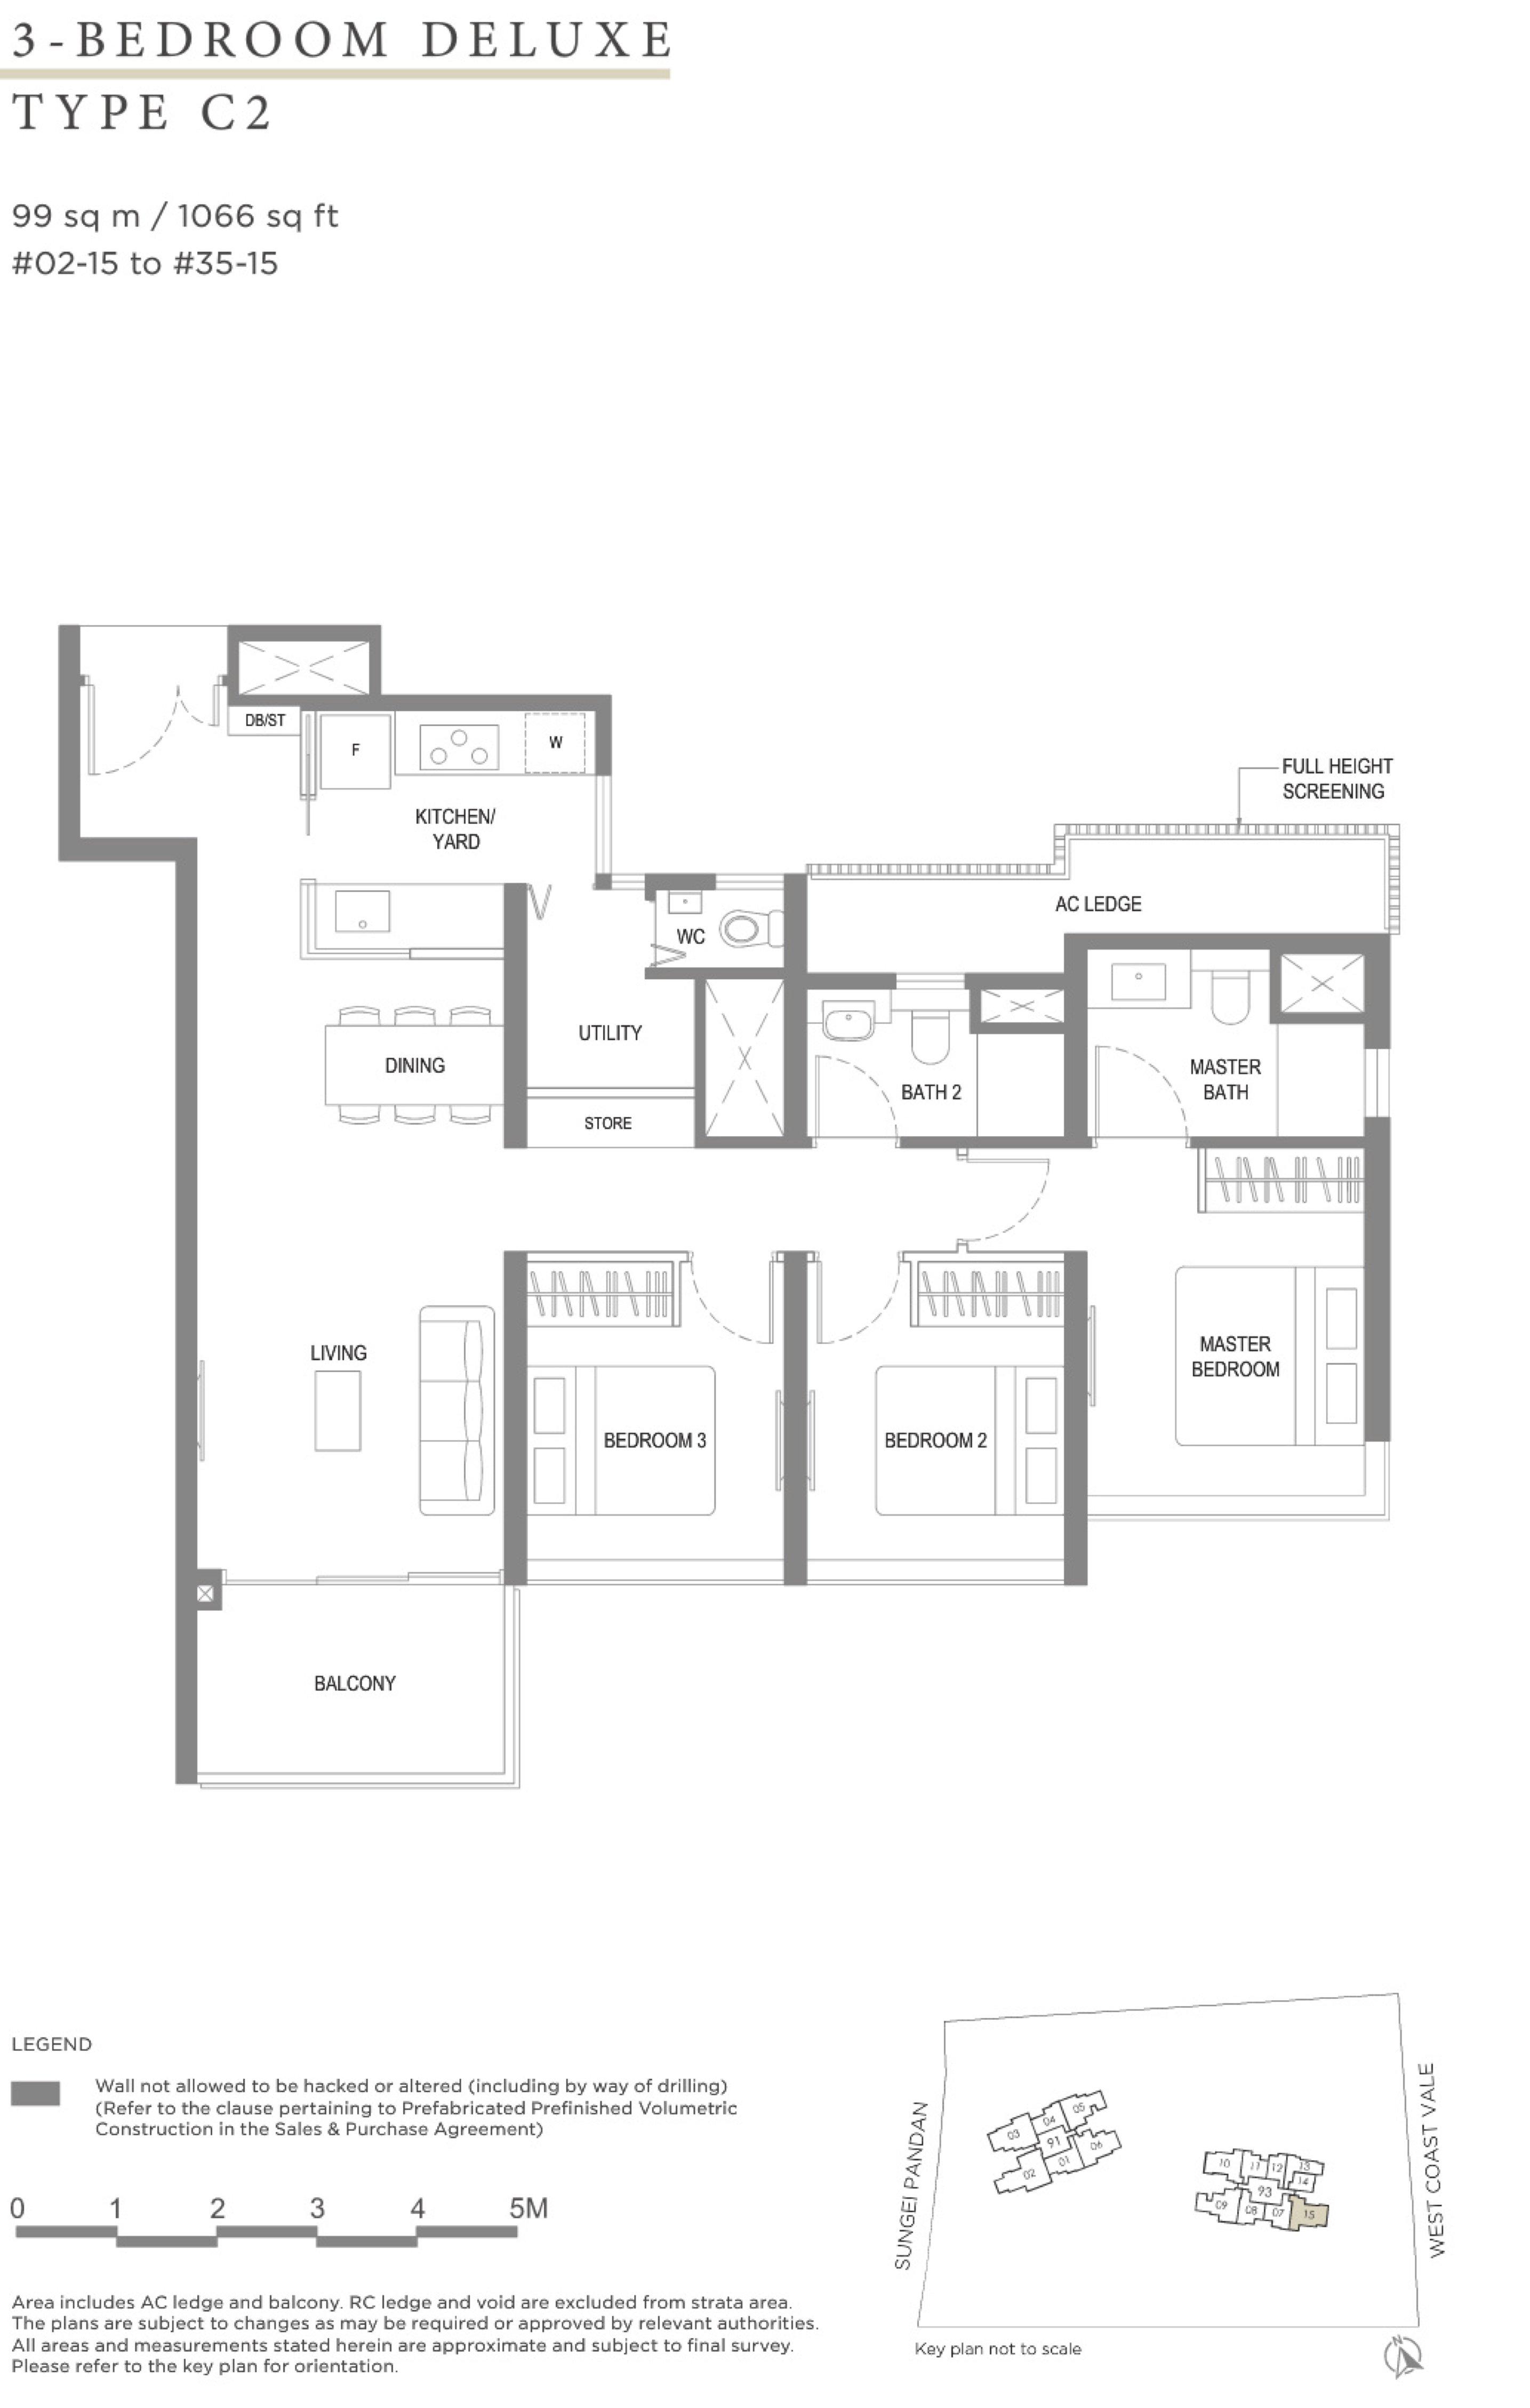 Twin VEW 3 bedroom deluxe C2 floor plan